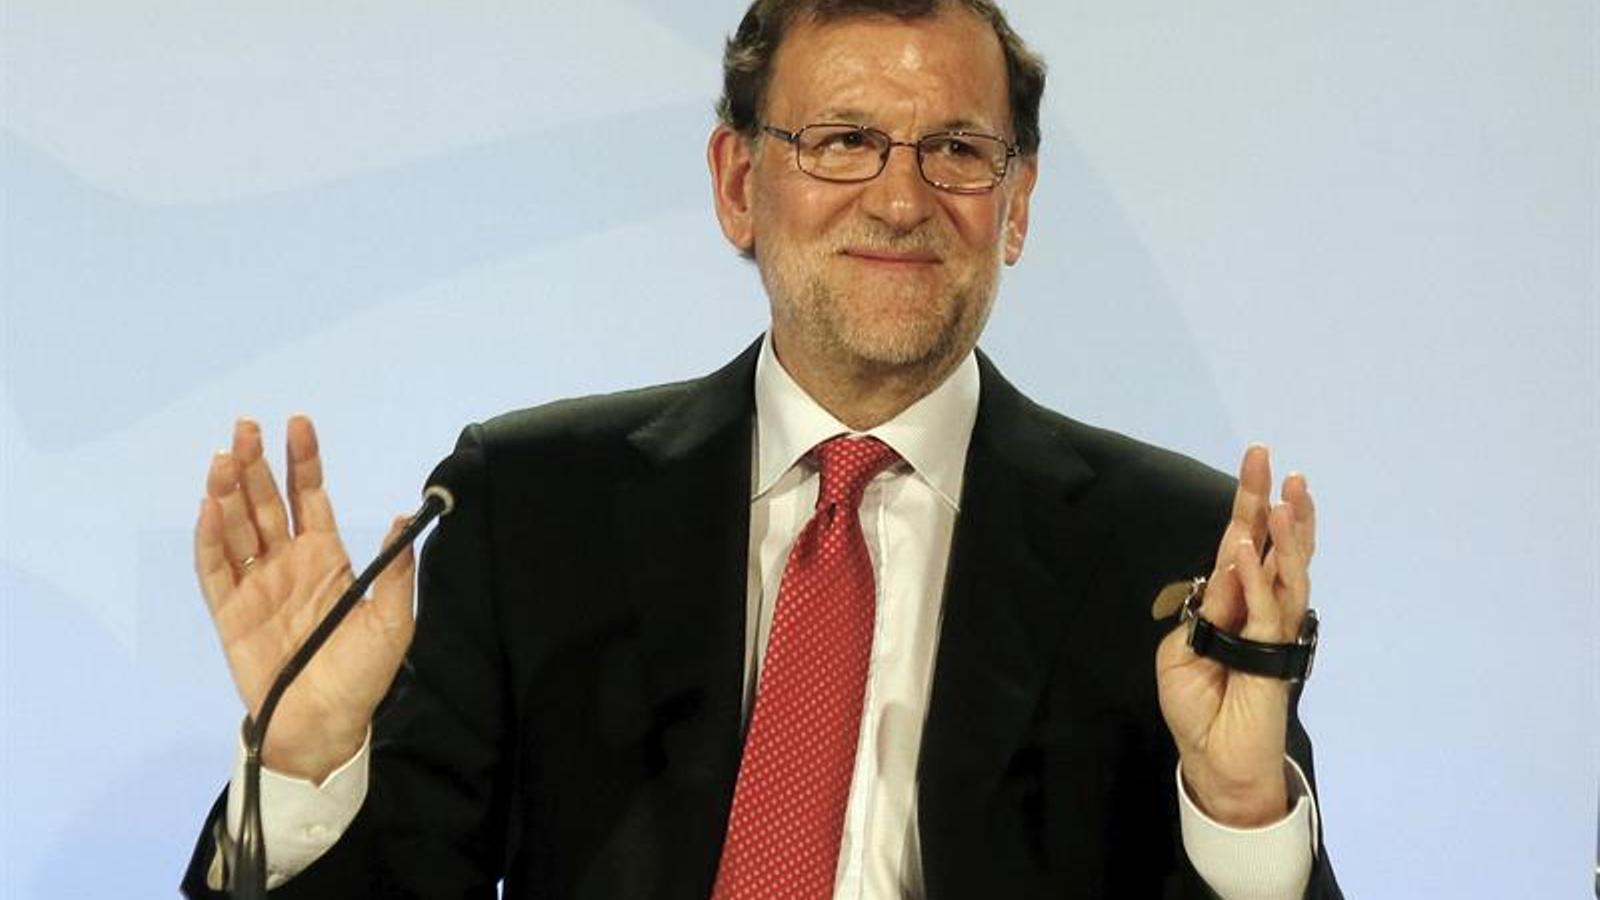 El president del govern espanyol en funcions, Mariano Rajoy, ha clausurat aquest dimecres un acte del PP a Alacant. EFE